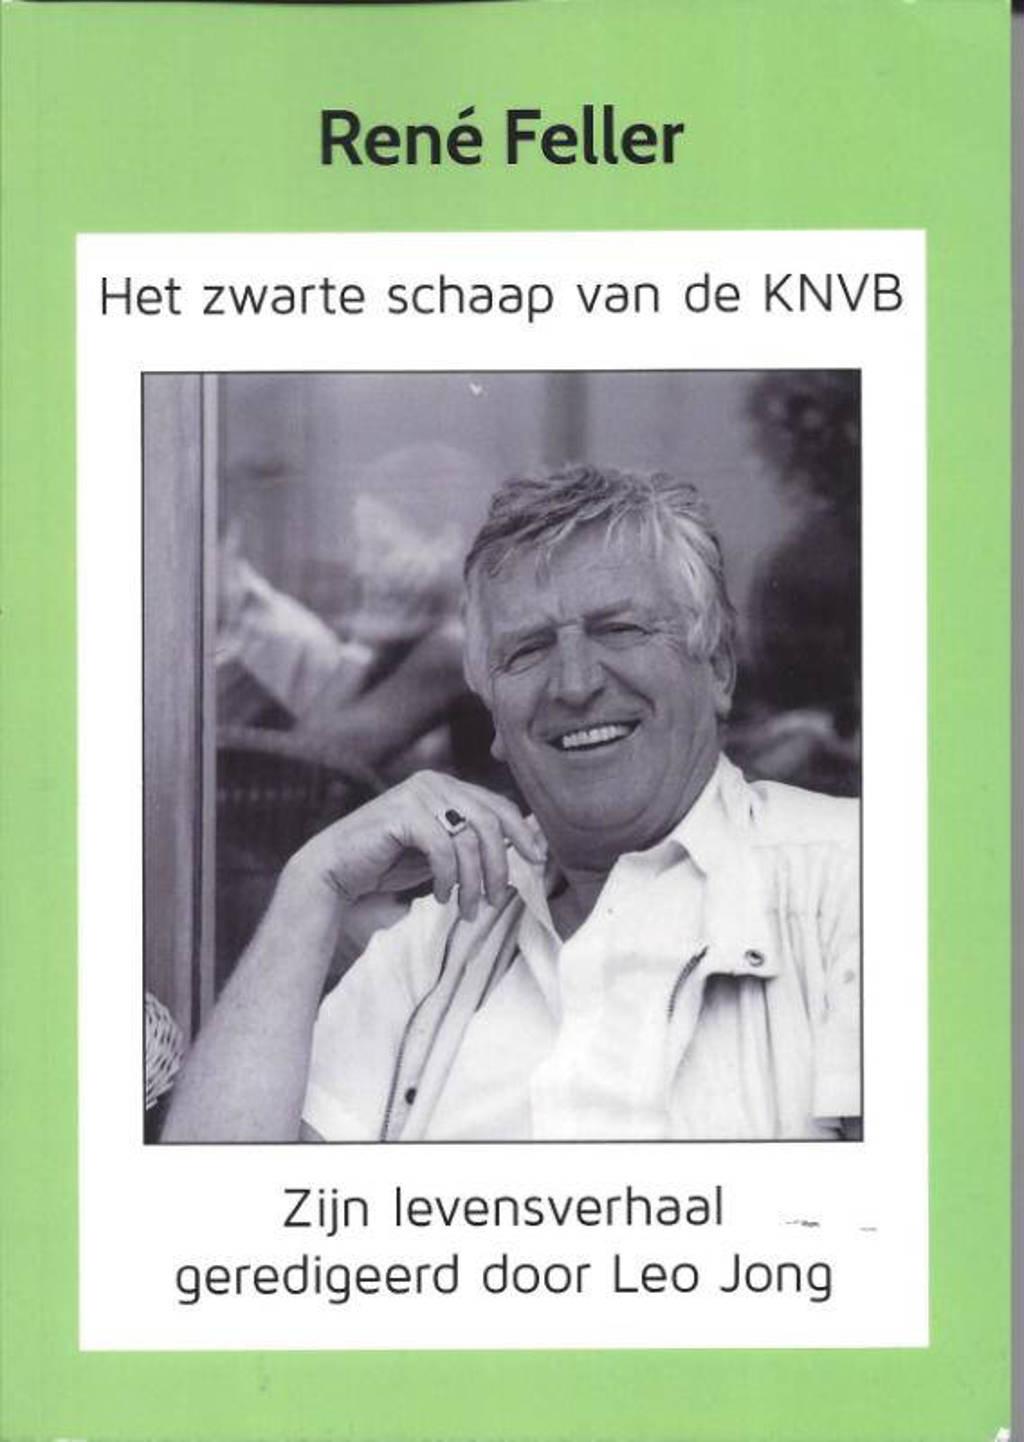 René Feller, het zwarte schaap van de KNVB - Leo Jong en René Feller